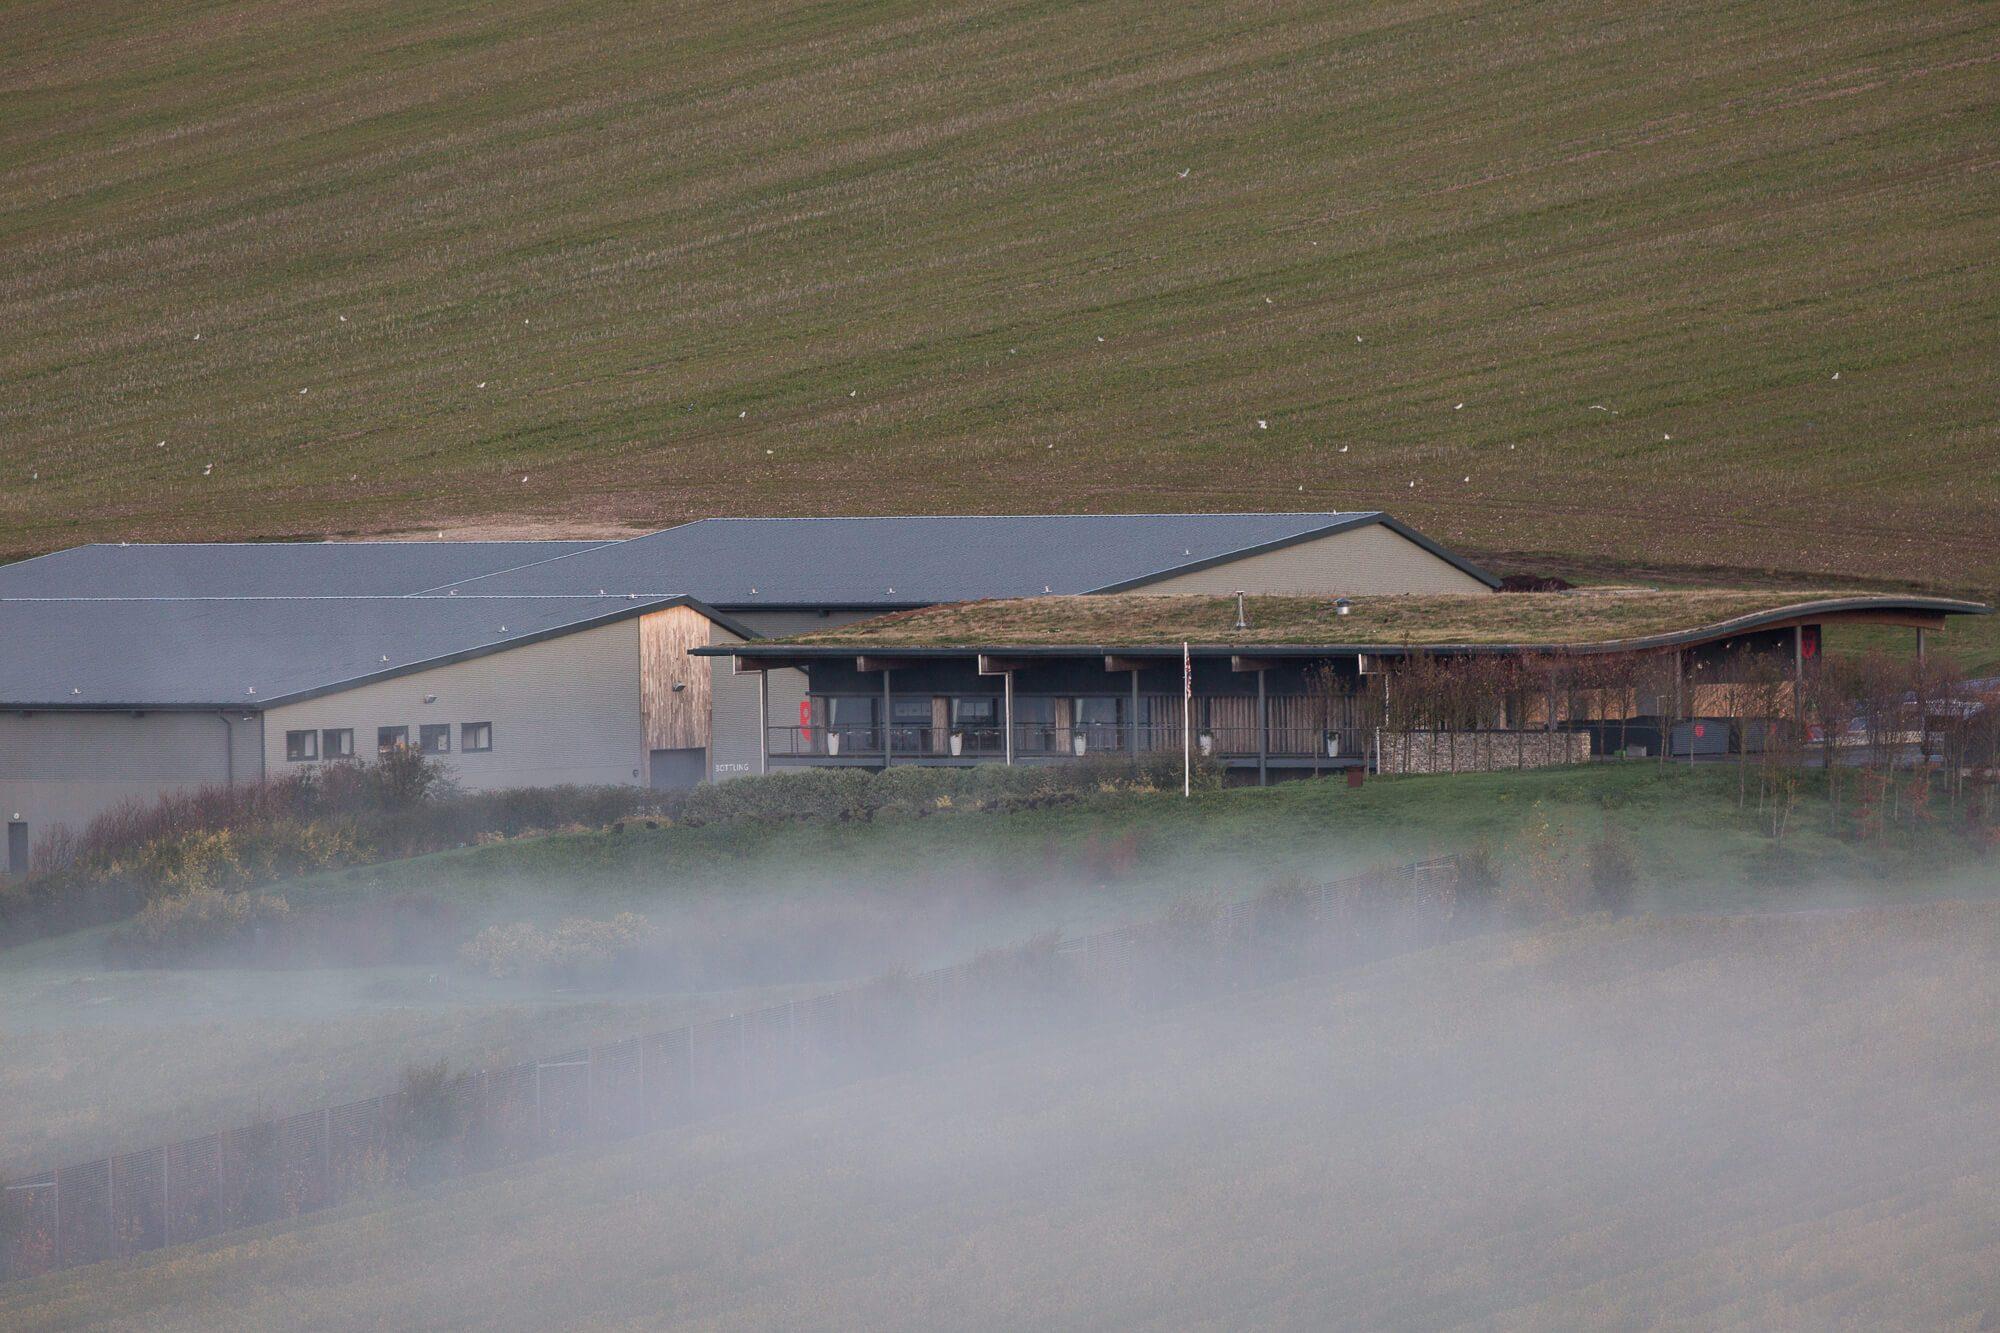 Mist Over the Tasting Room